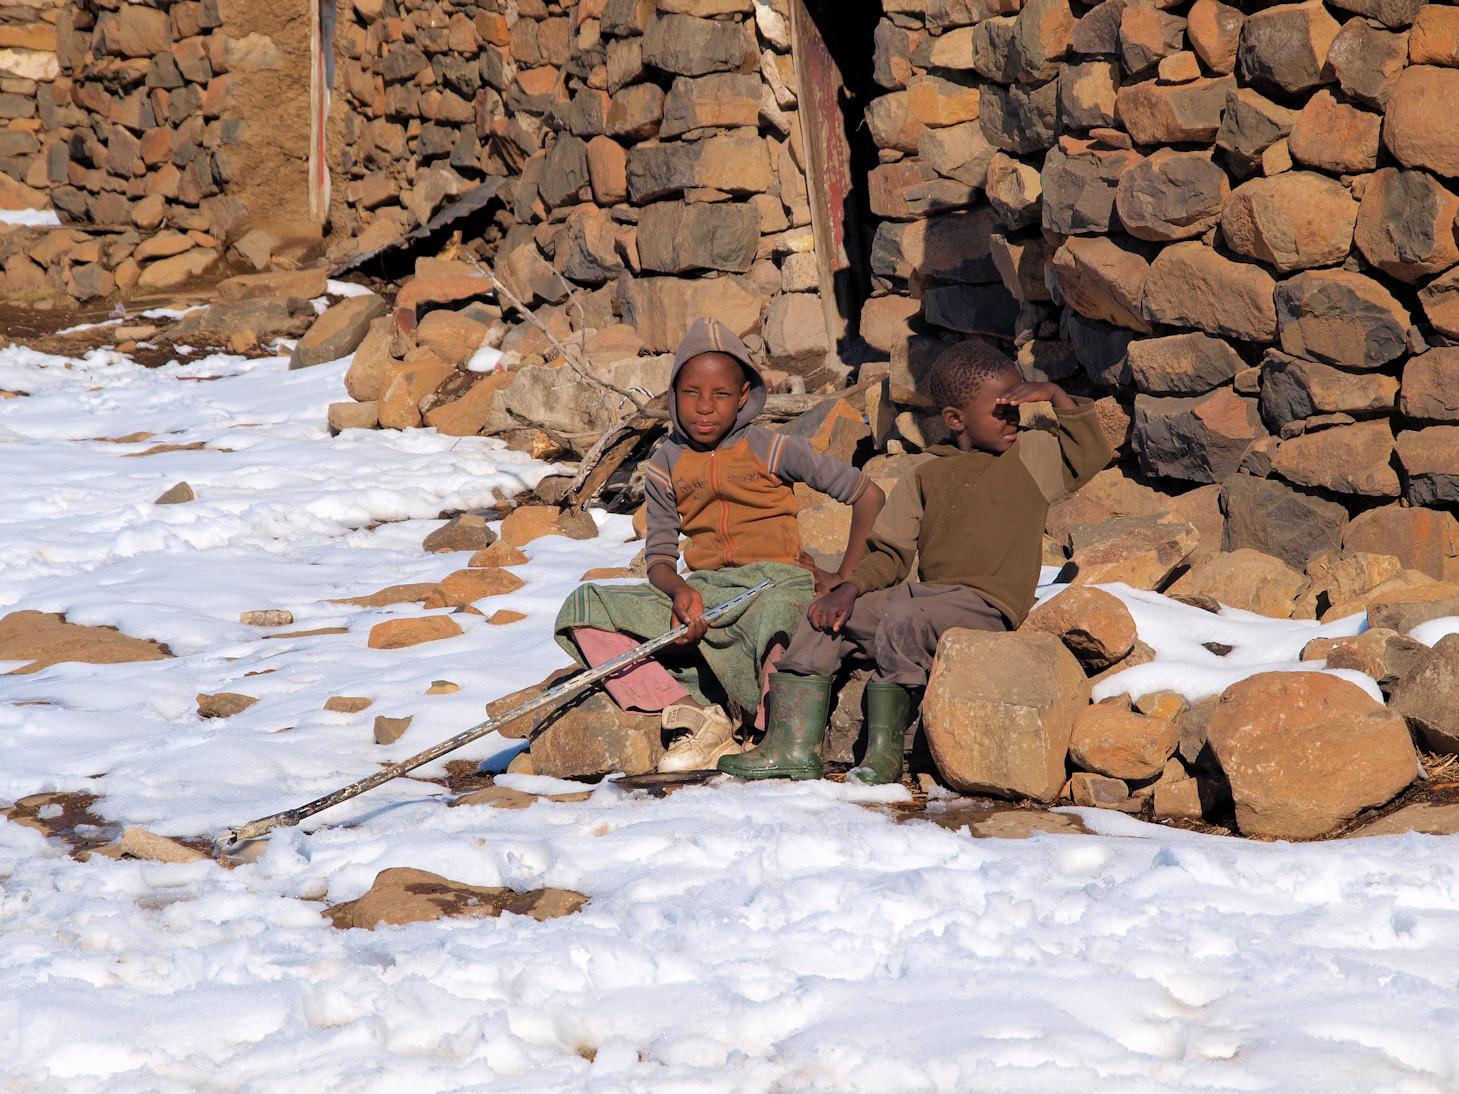 Lokale kindjes in het dorp boven op de berg.